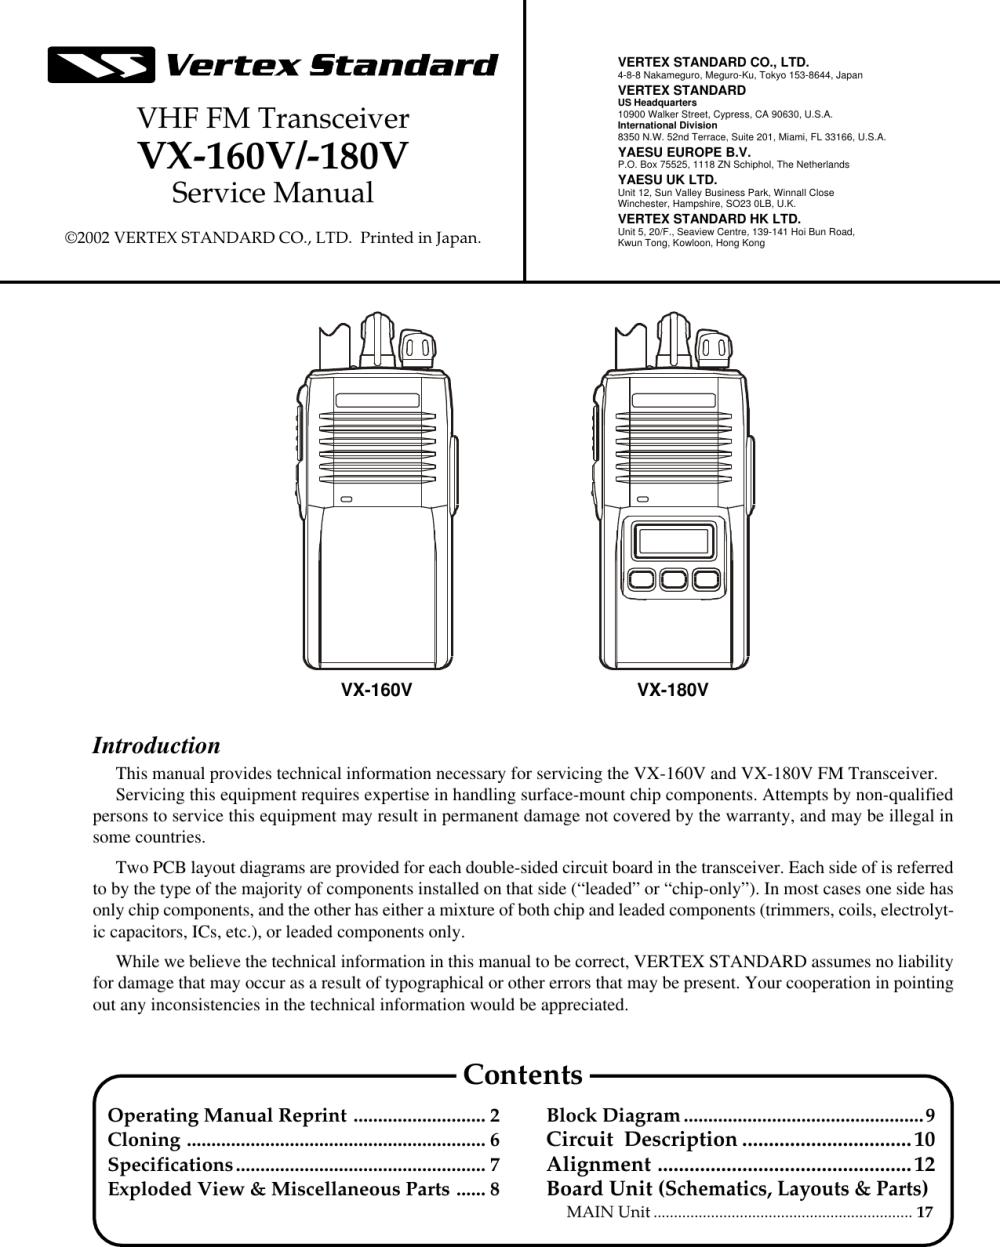 medium resolution of fm transceiver block diagram